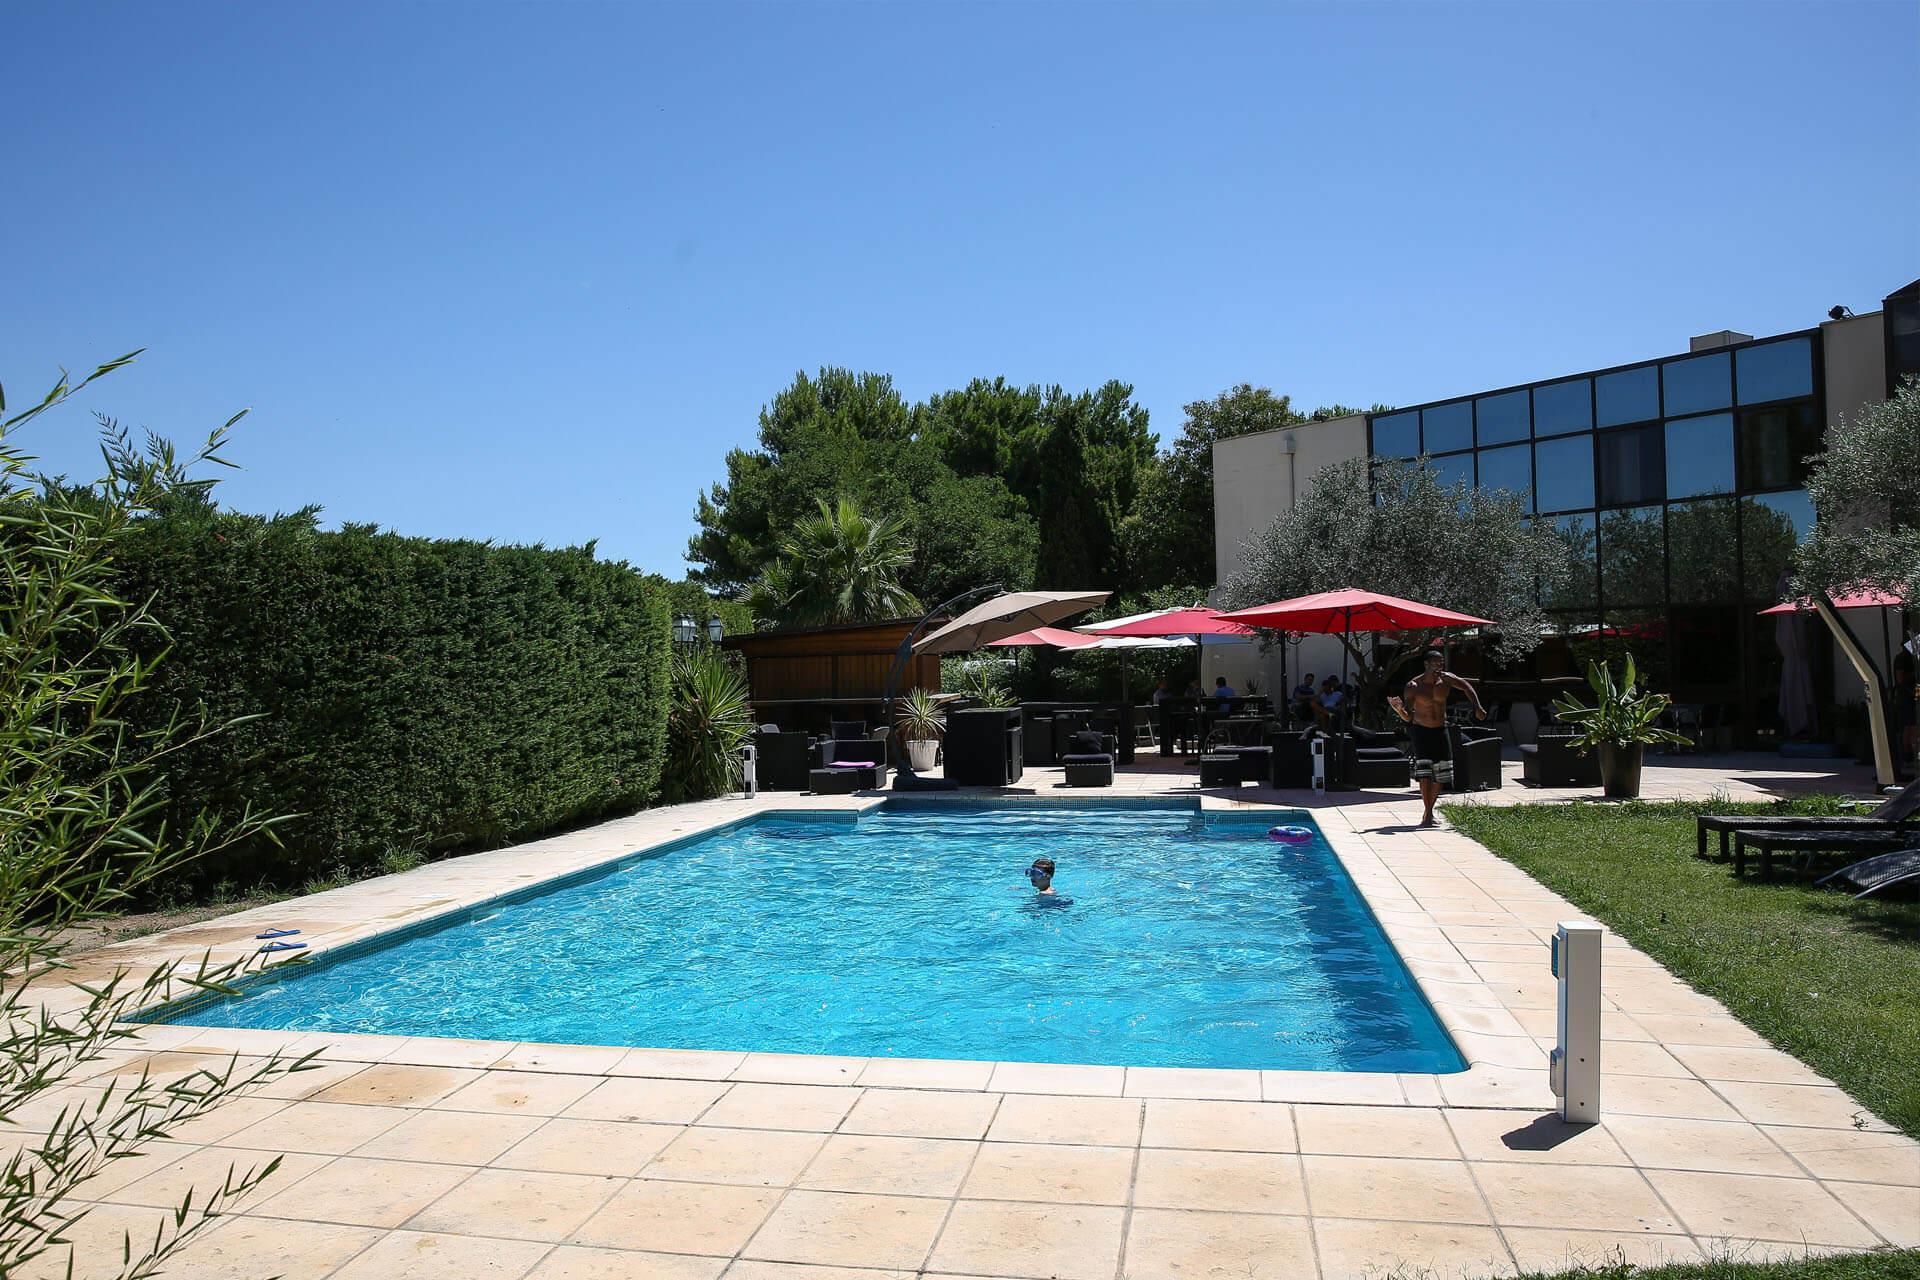 Hotels montpellier airport france for Hotel montpellier avec piscine